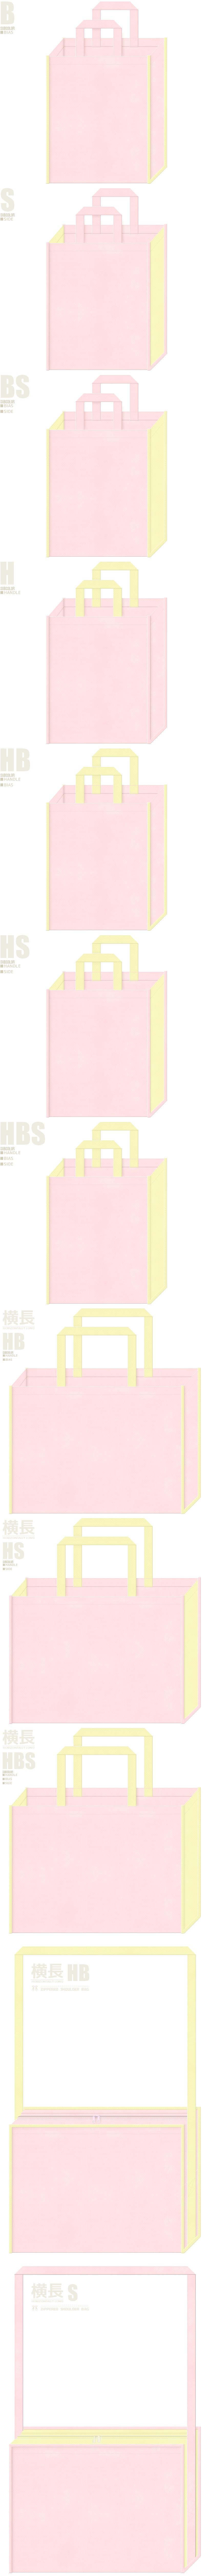 桜色と薄黄色、7パターンの不織布トートバッグ配色デザイン例。幼稚園・保育・福祉・介護セミナー、ひな祭りのバッグノベルティにお奨めです。